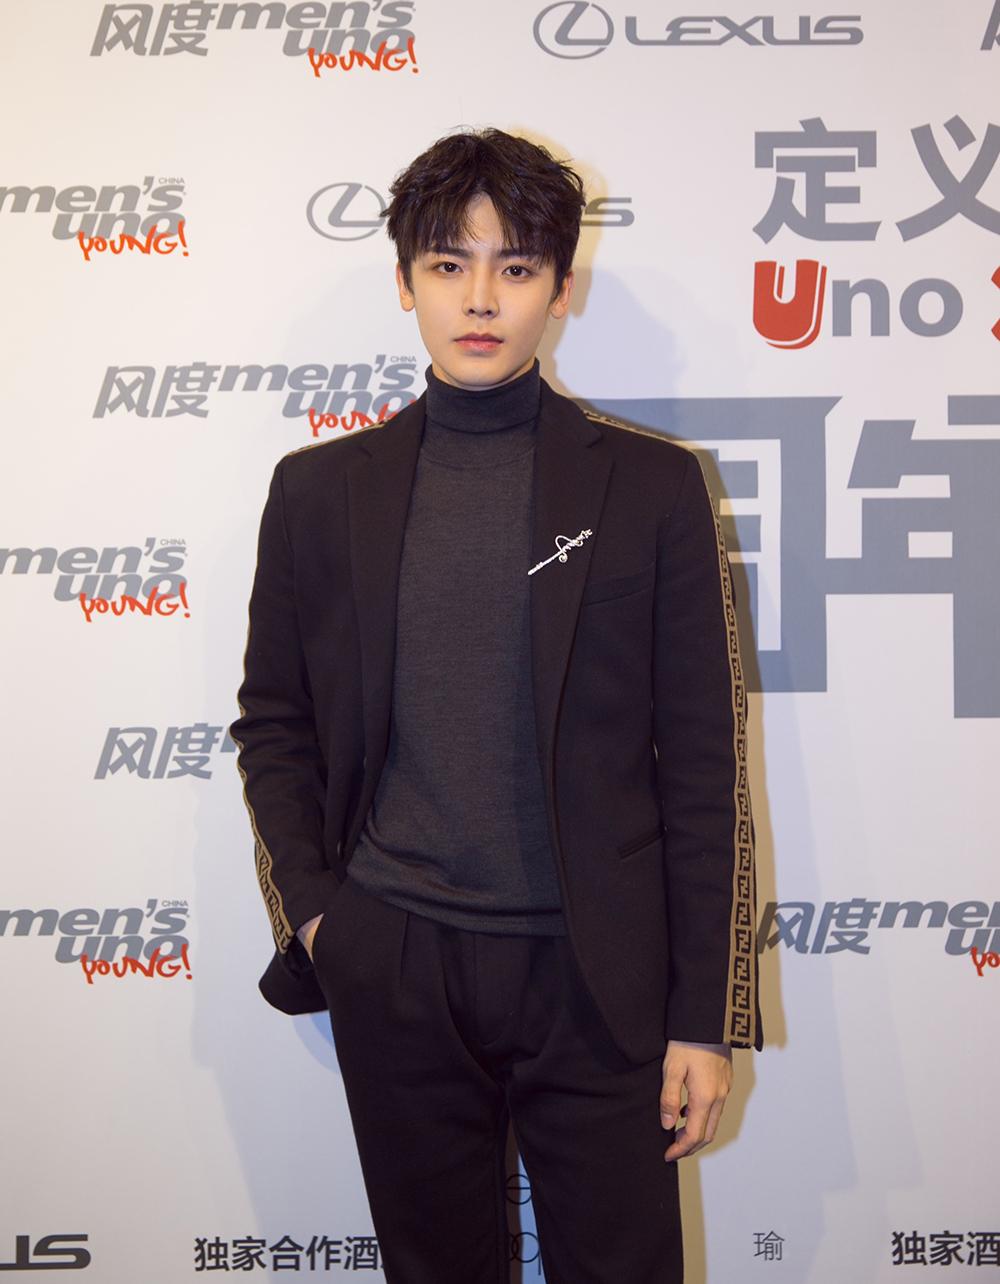 侯明昊出席风度2018周年盛典 获年度突破男演员奖